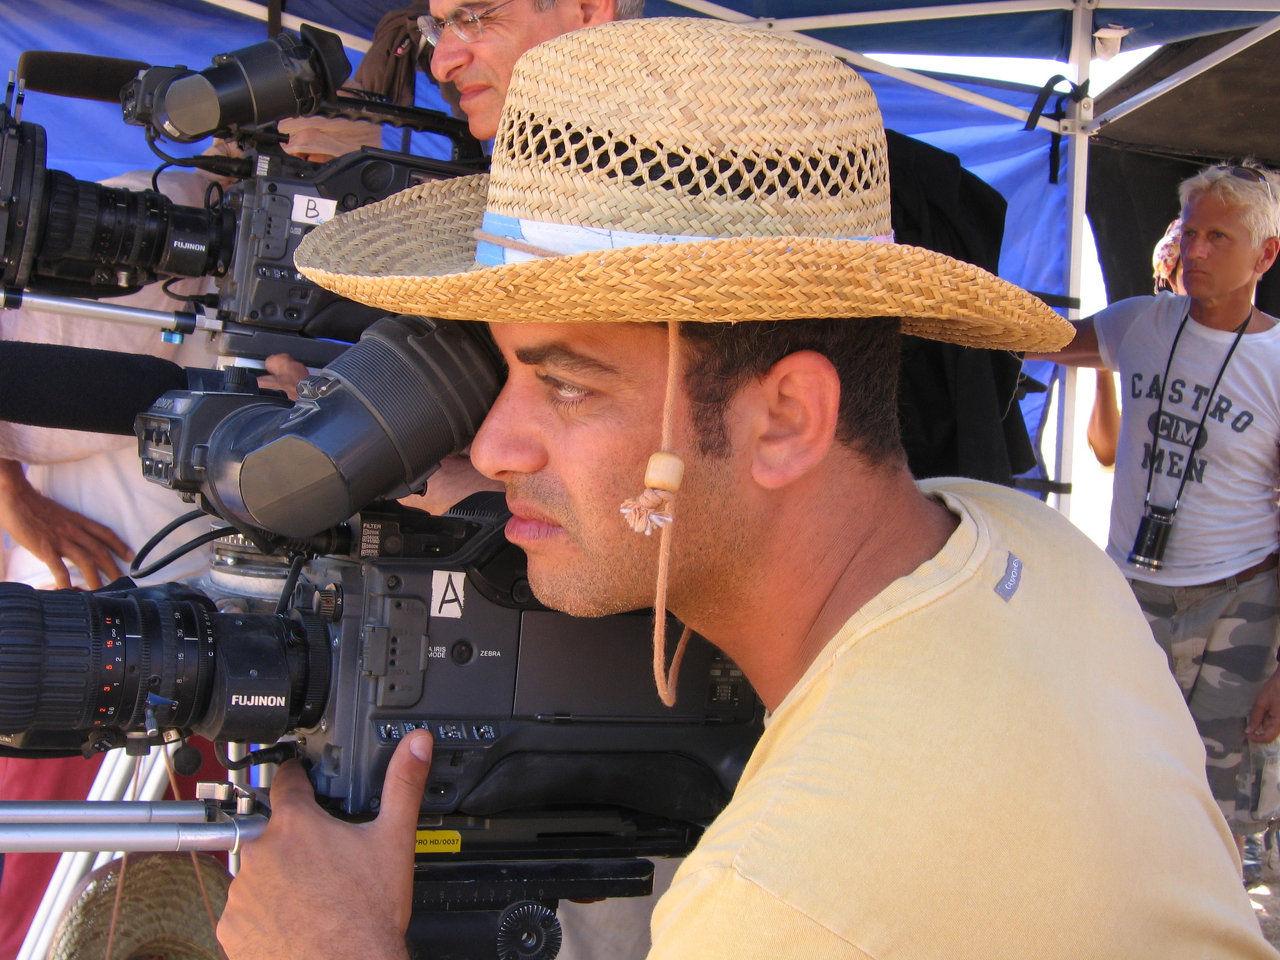 Israeli producer Rami Damri